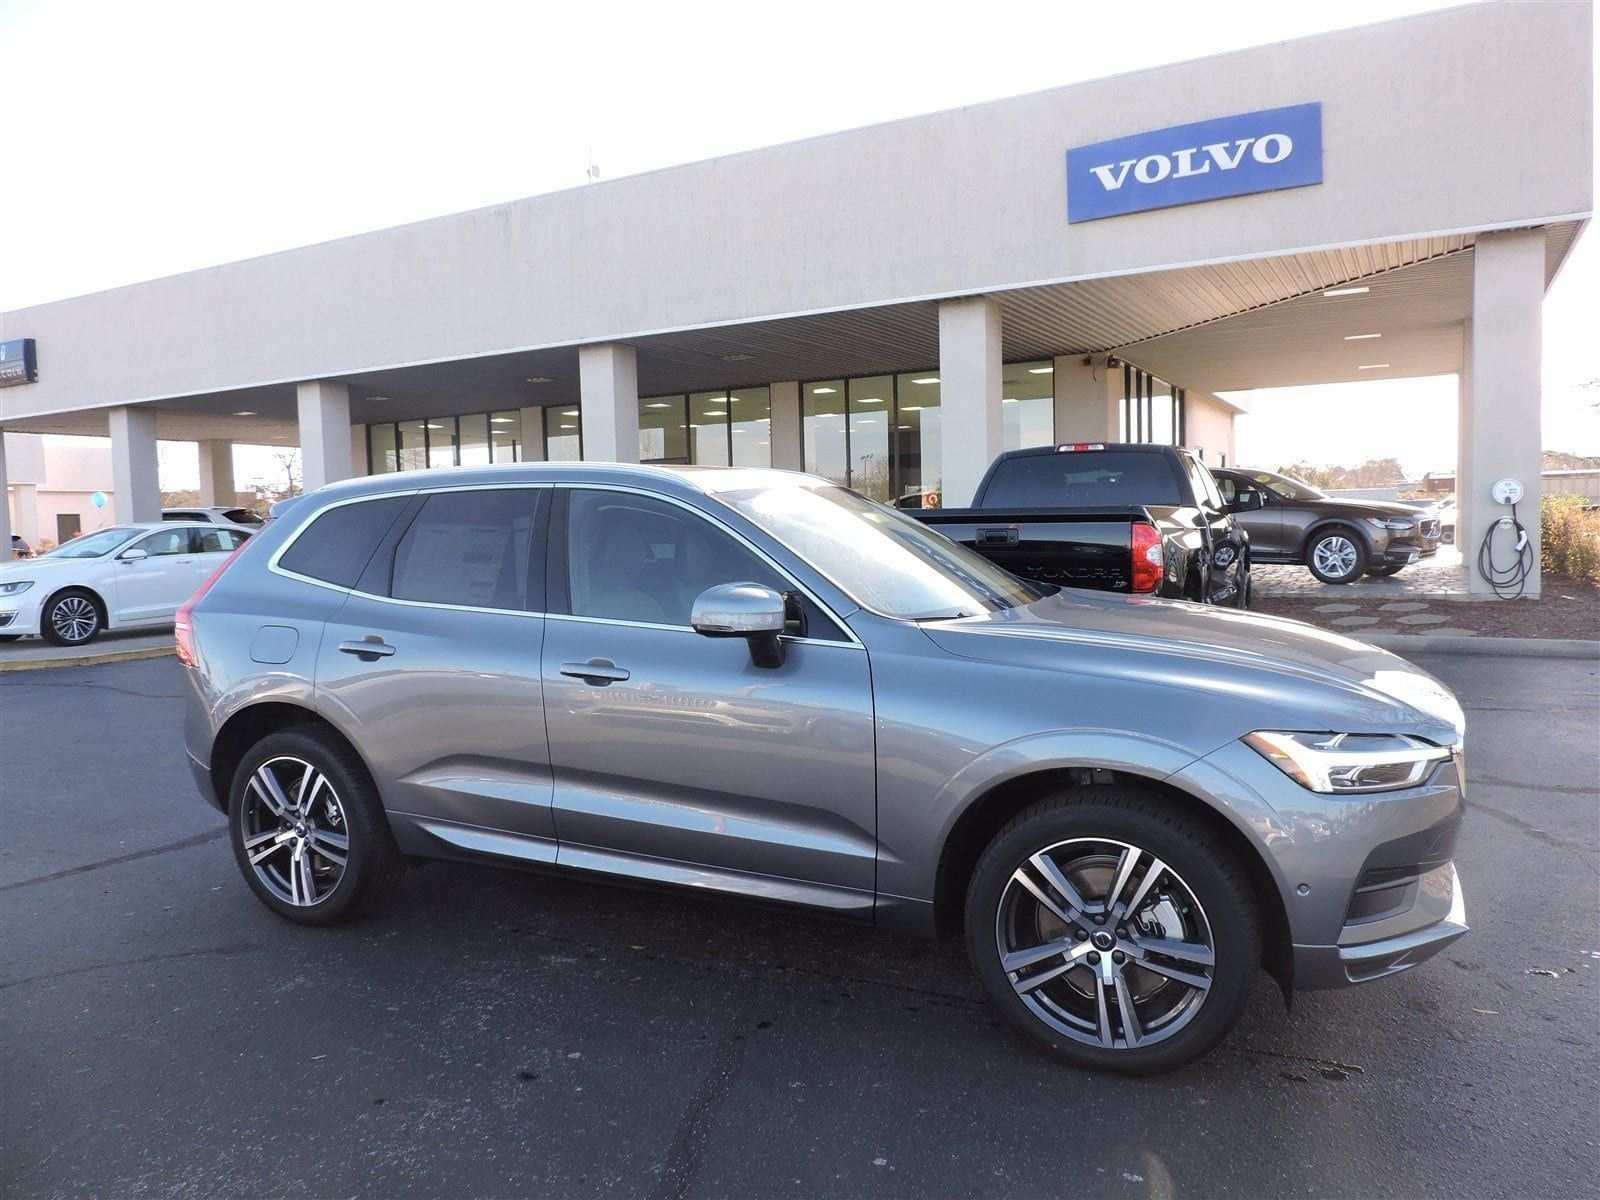 84 Concept of Volvo Xc60 2019 Osmium Grey Spesification with Volvo Xc60 2019 Osmium Grey